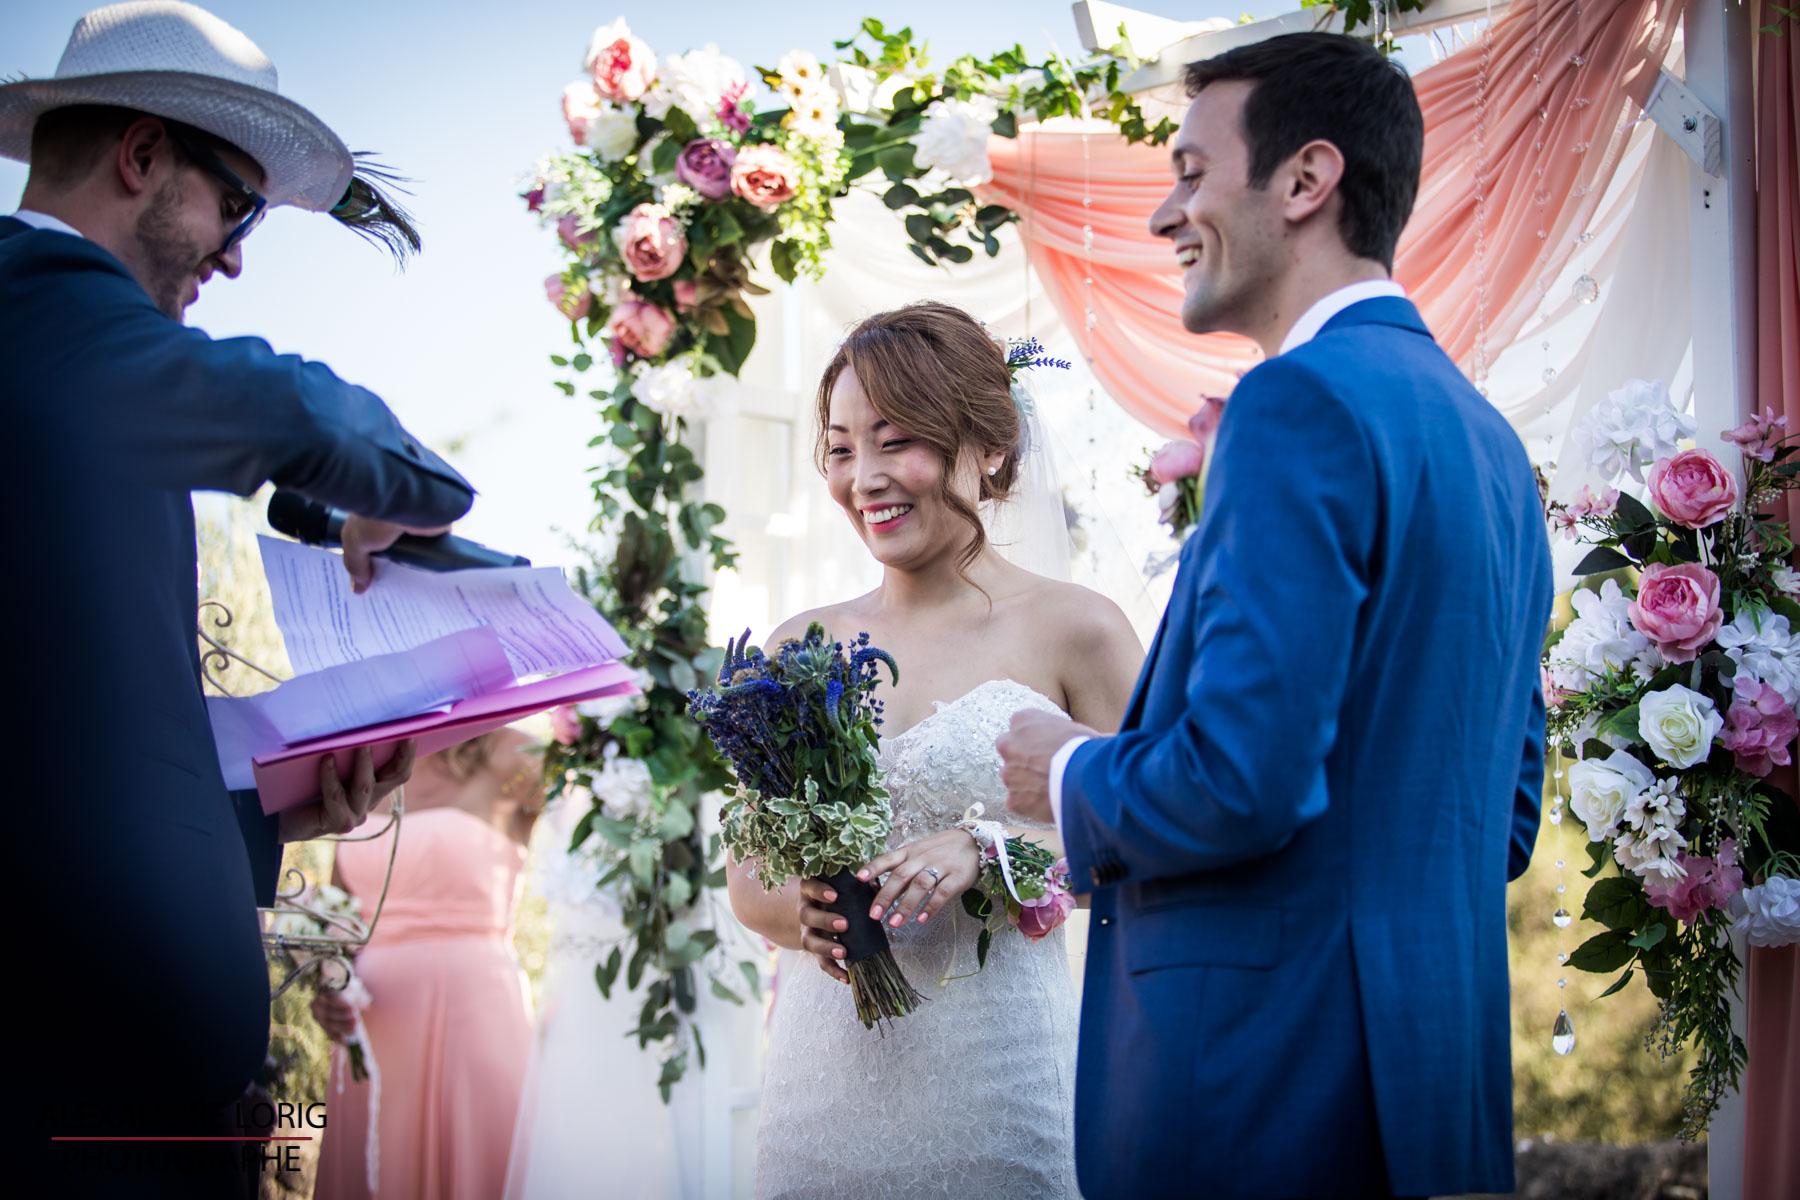 le coeur dans les etoiles - wedding planner provence - luberon - sardaigne - mariage provence - Alexandre Lorig - ceremonie laique - offiant - ami